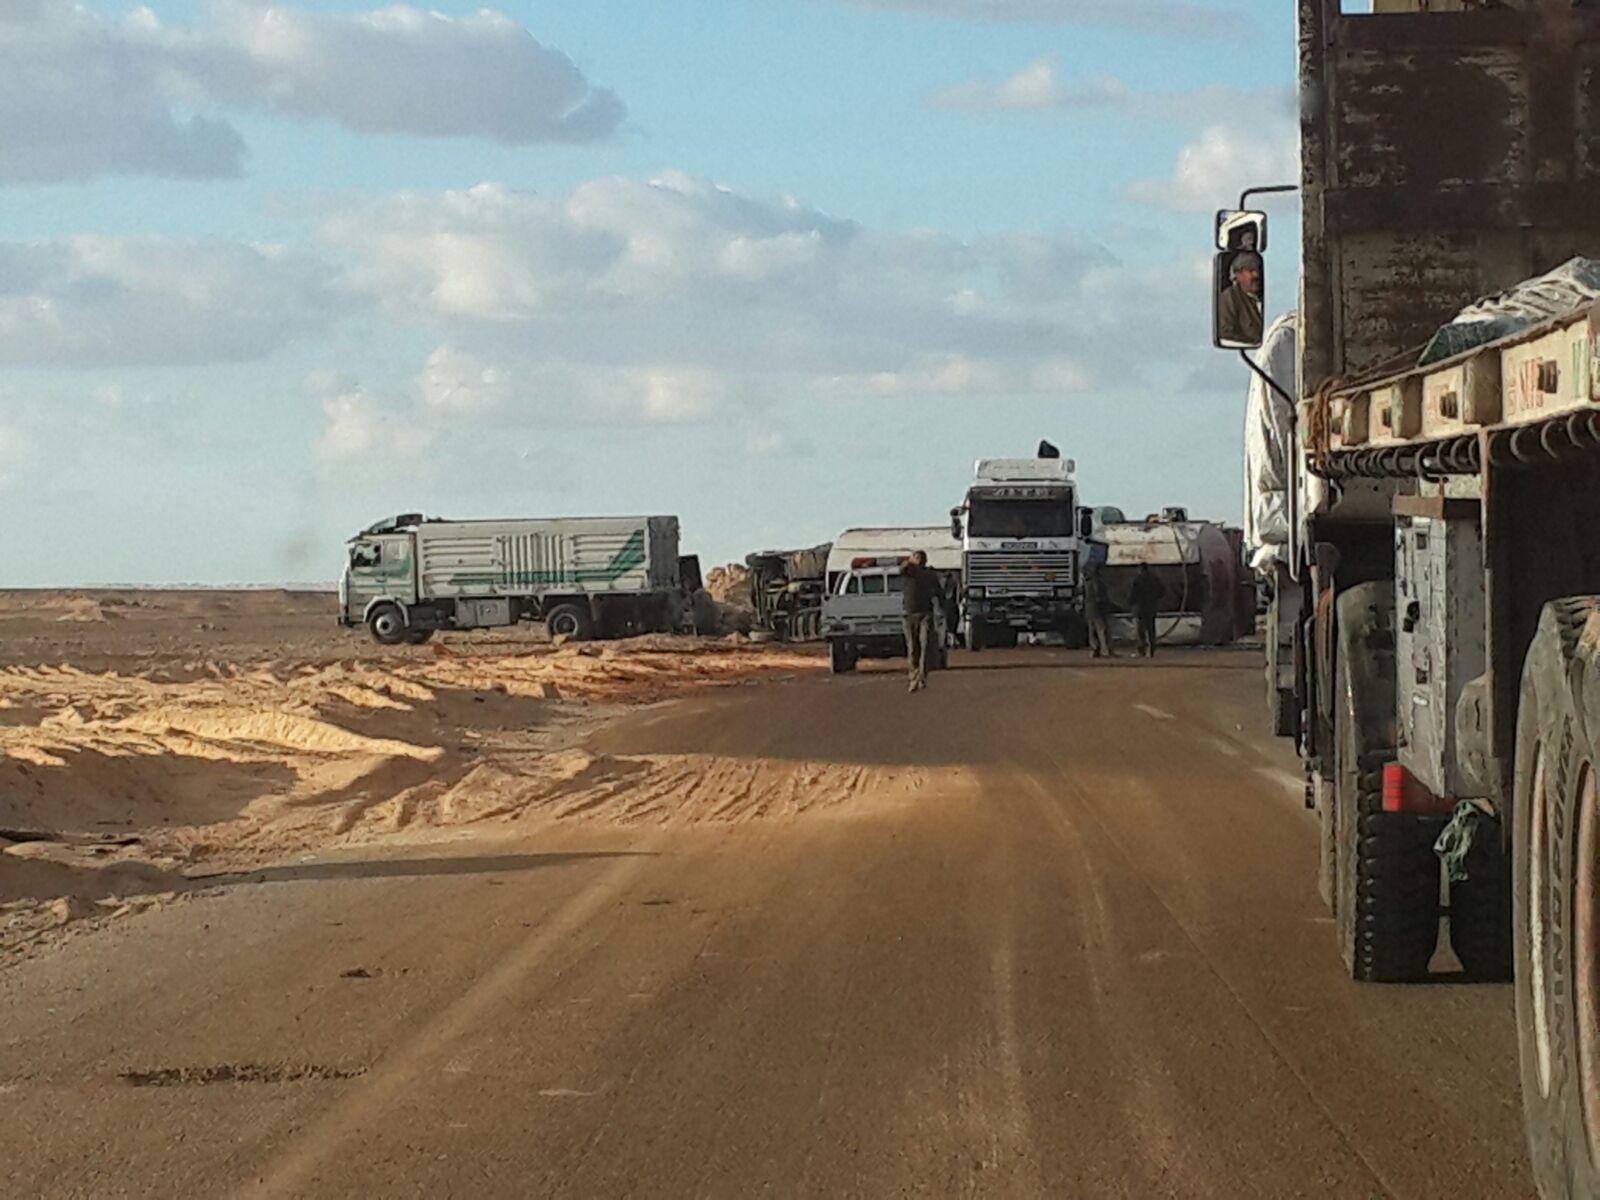 تصادم بين سيارتي تحملان زيوت ووقود على طريق أسيوط الصحراوي